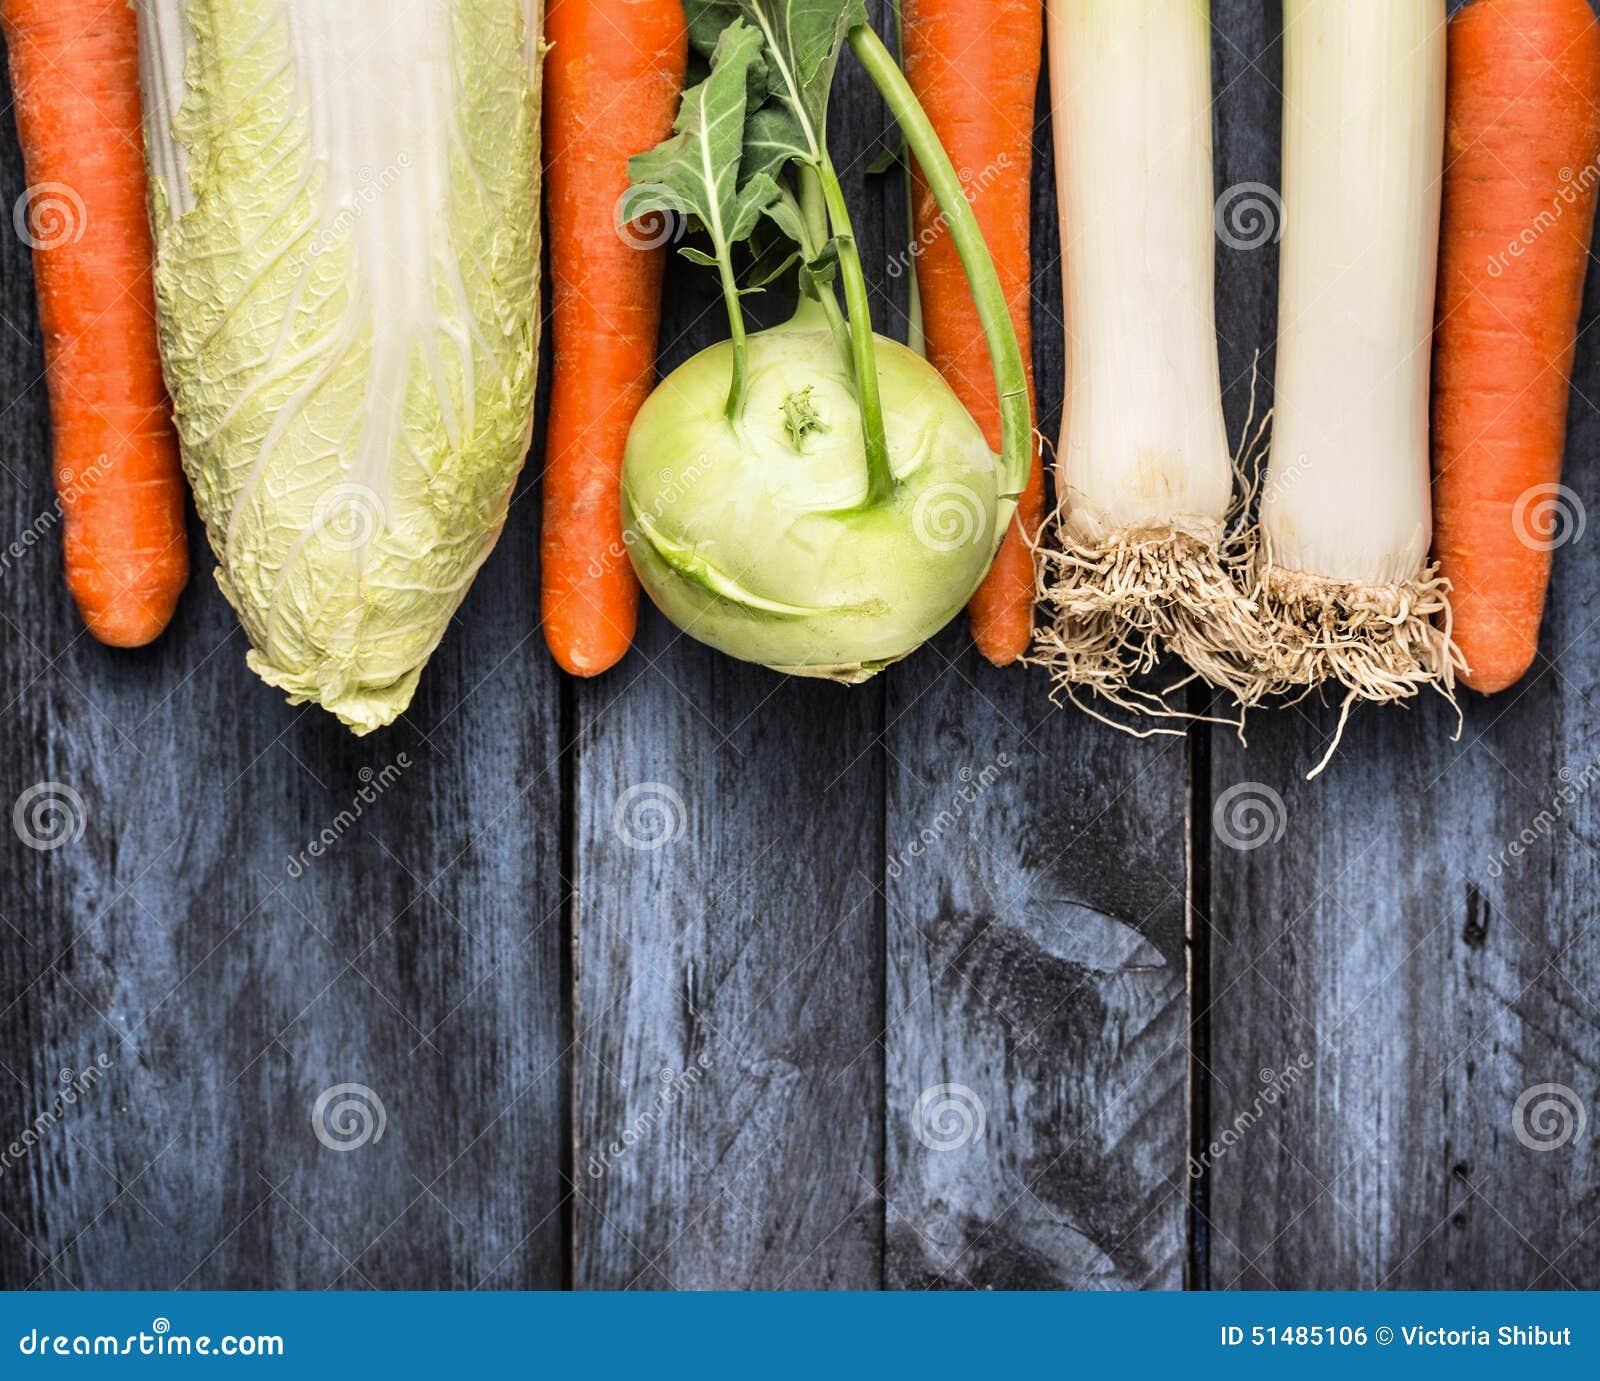 Cocinar Puerro | Verduras Diversas Para Cocinar Puerro Kolrabi Col Y Zanahorias